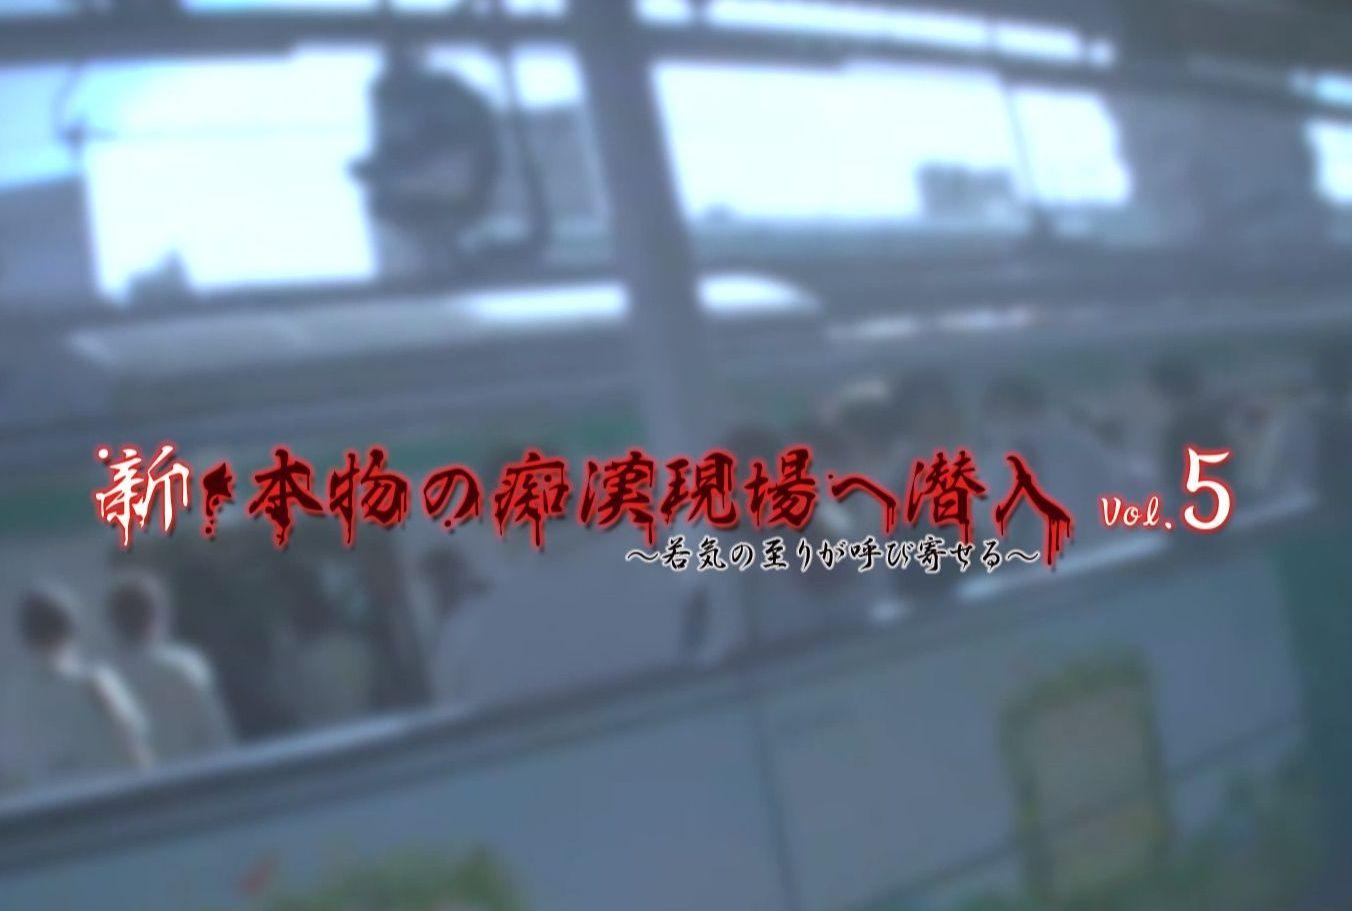 新・本物の痴漢現場へ潜入 ~若気の至りが呼び寄せる~ Vol.5